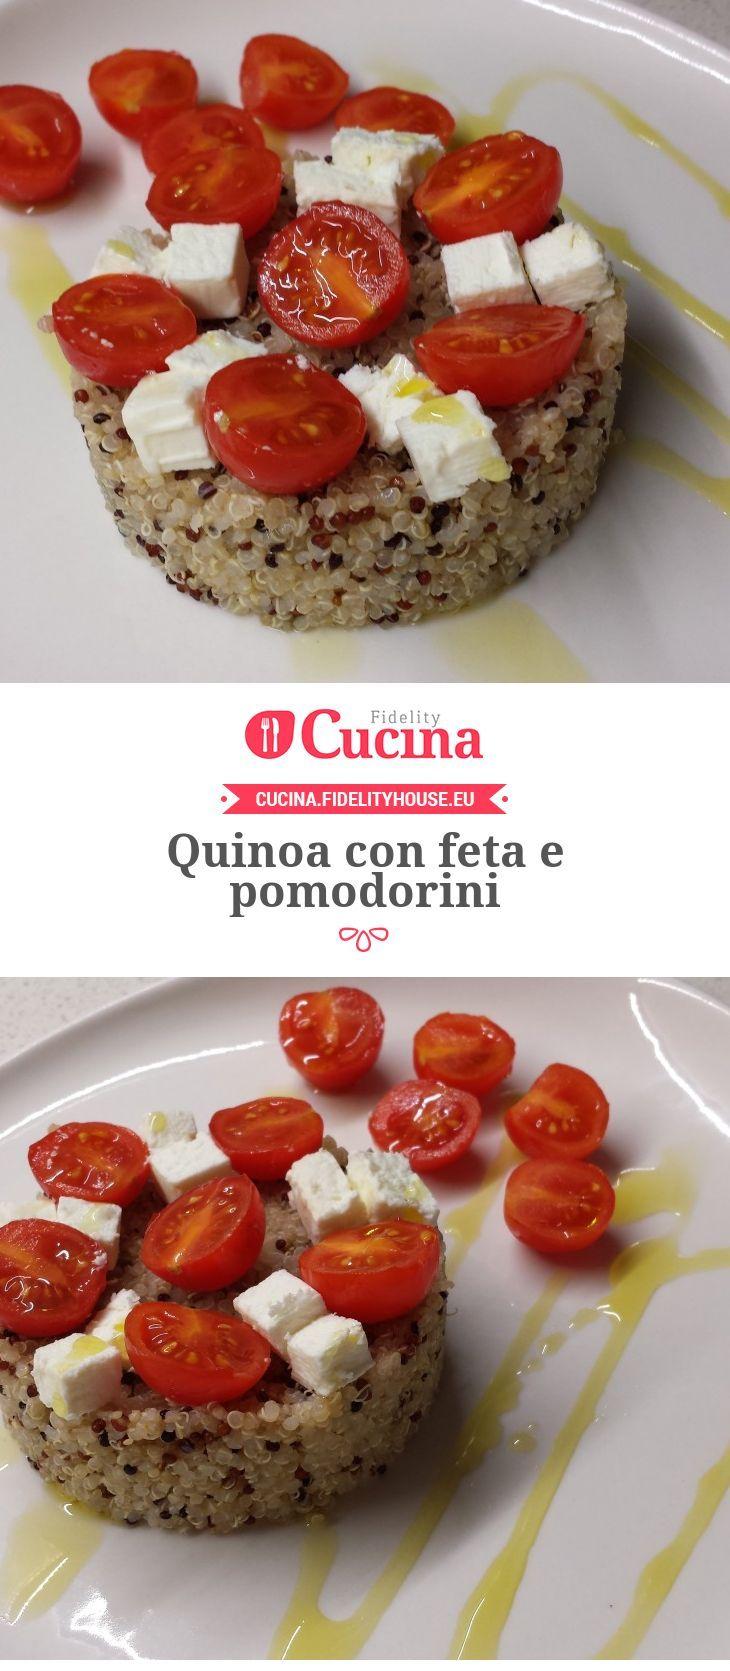 Quinoa con feta e pomodorini Quinoa con feta e pomodorini della nostra utente Giada. Unisciti alla